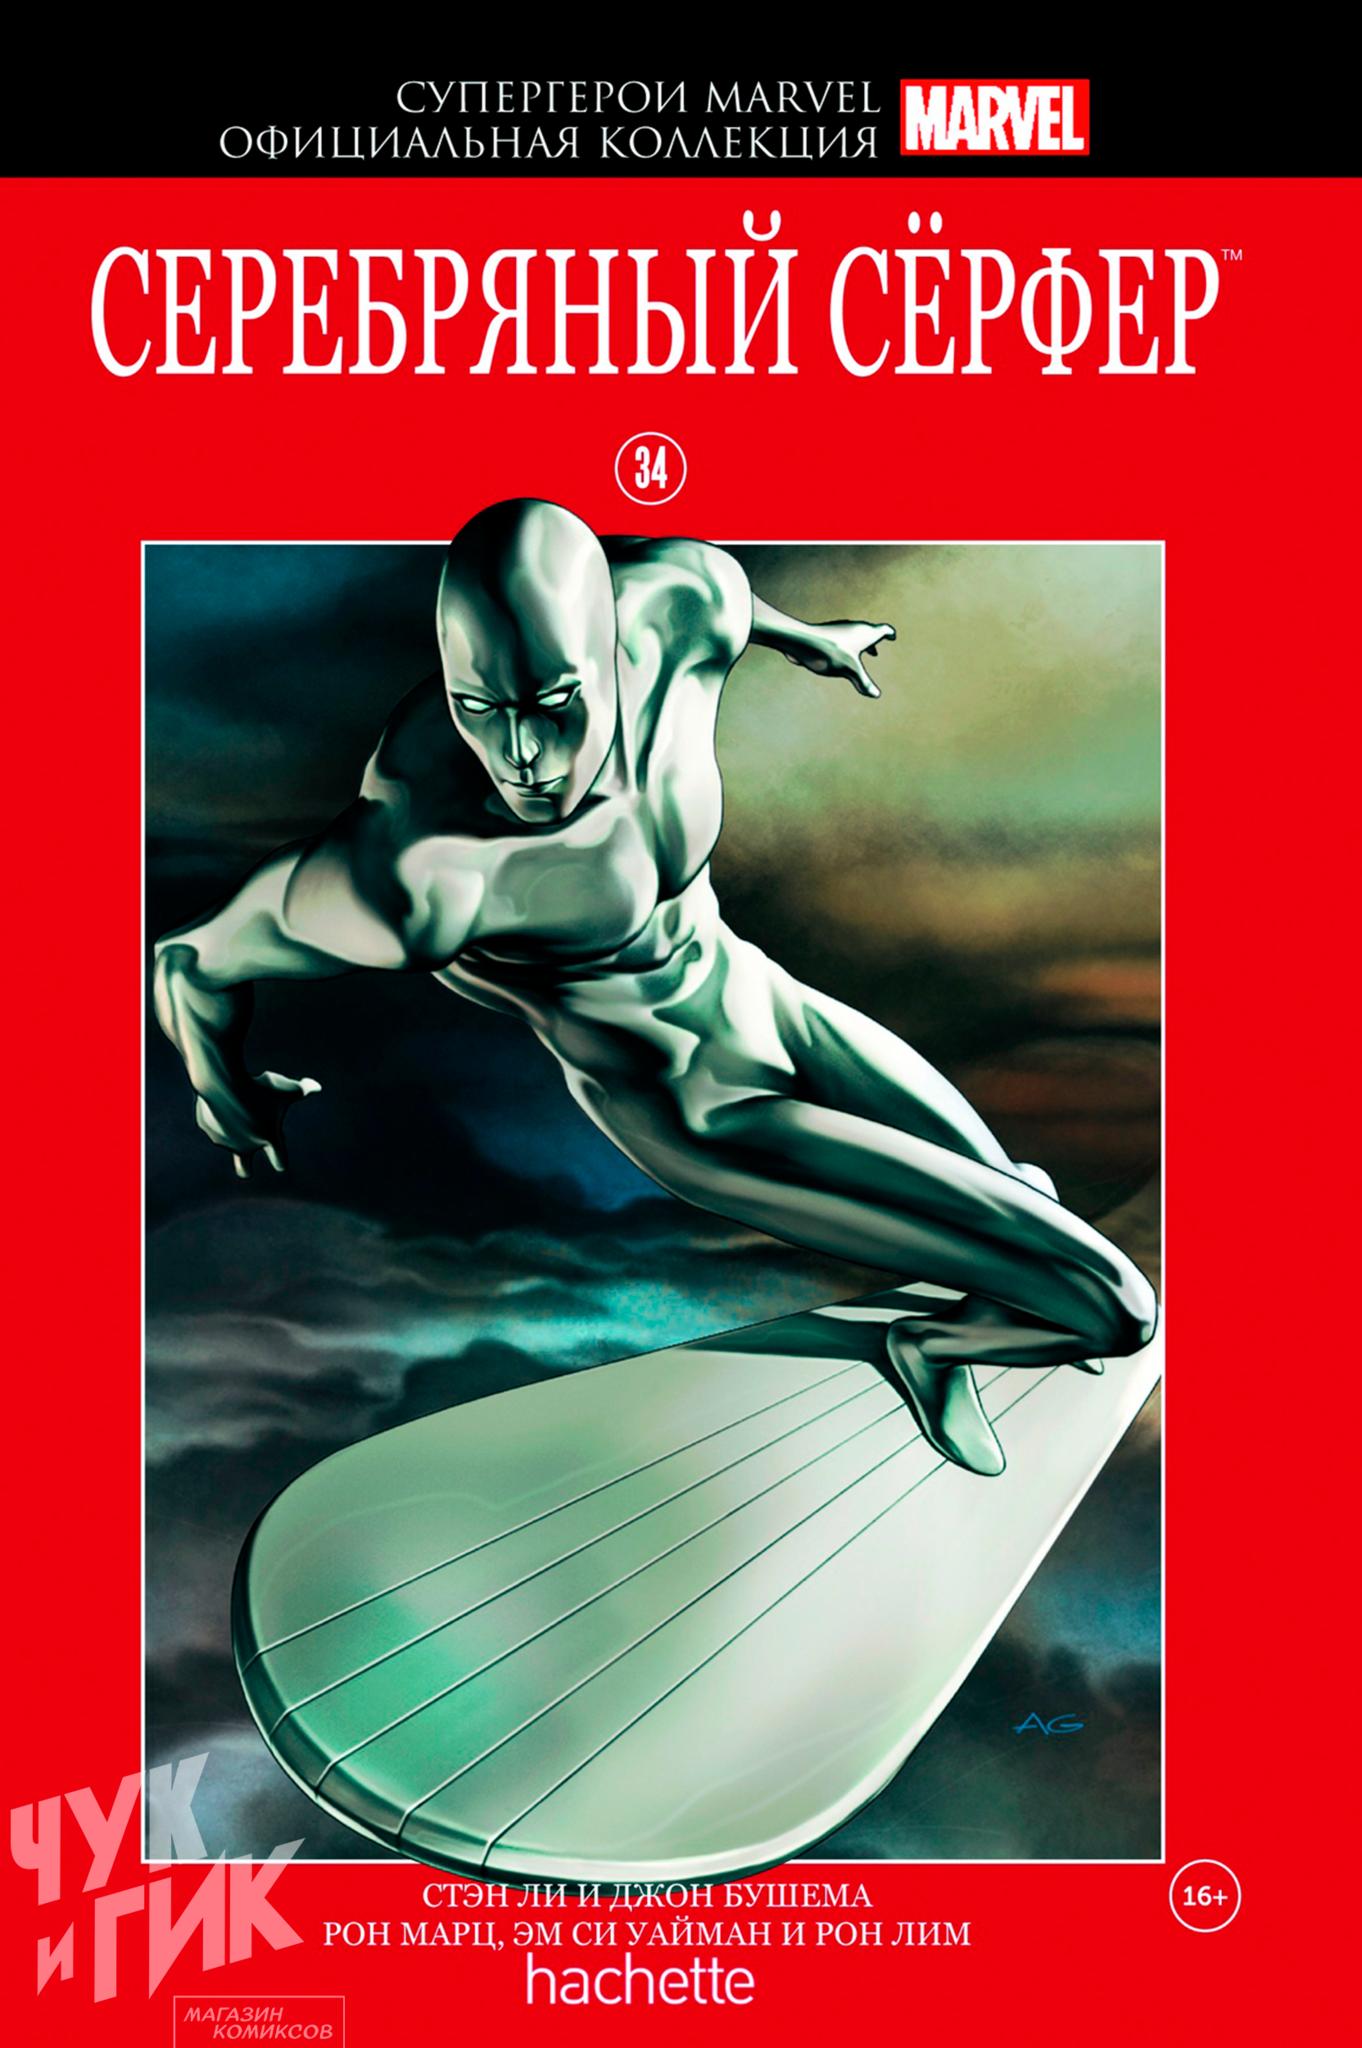 Супергерои Marvel. Официальная коллекция №34. Серебряный Серфер